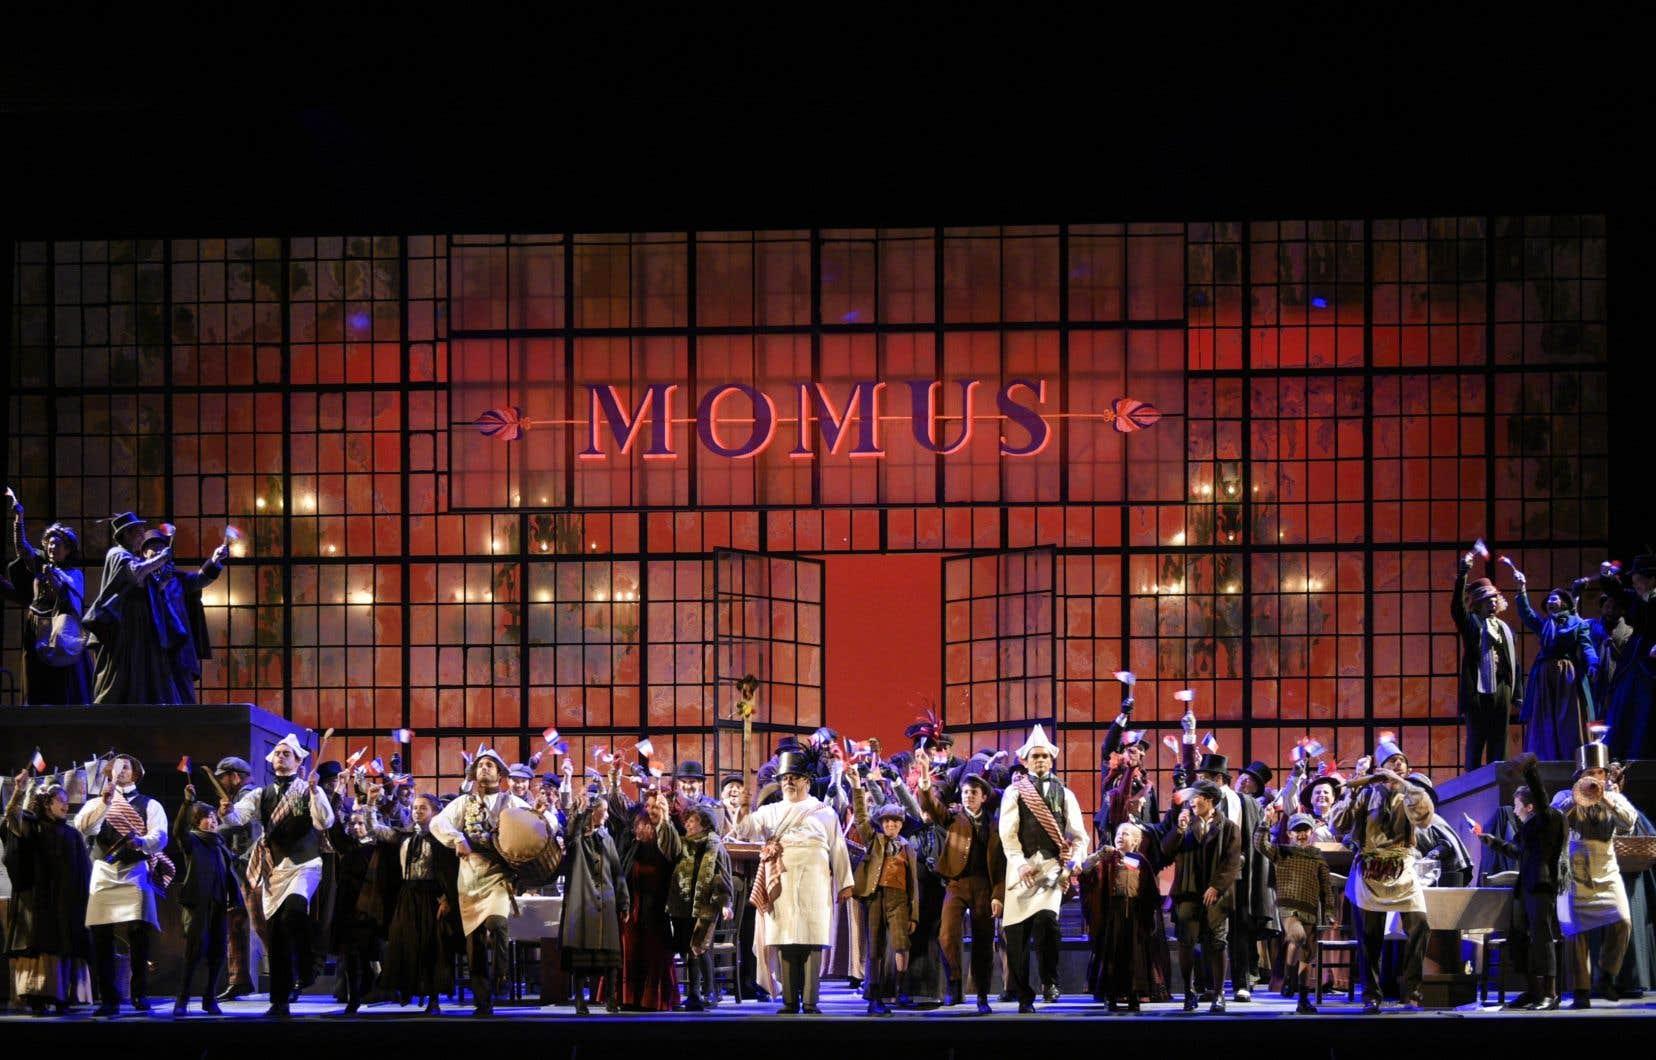 Le premier effet du massif investissement sera la webdiffusion, le 22octobre à 19h30, de «Labohème», de Puccini, présentée en 2017 à l'occasion du 375eanniversaire de Montréal, qu'on pourra regarder gratuitement, sur inscription.